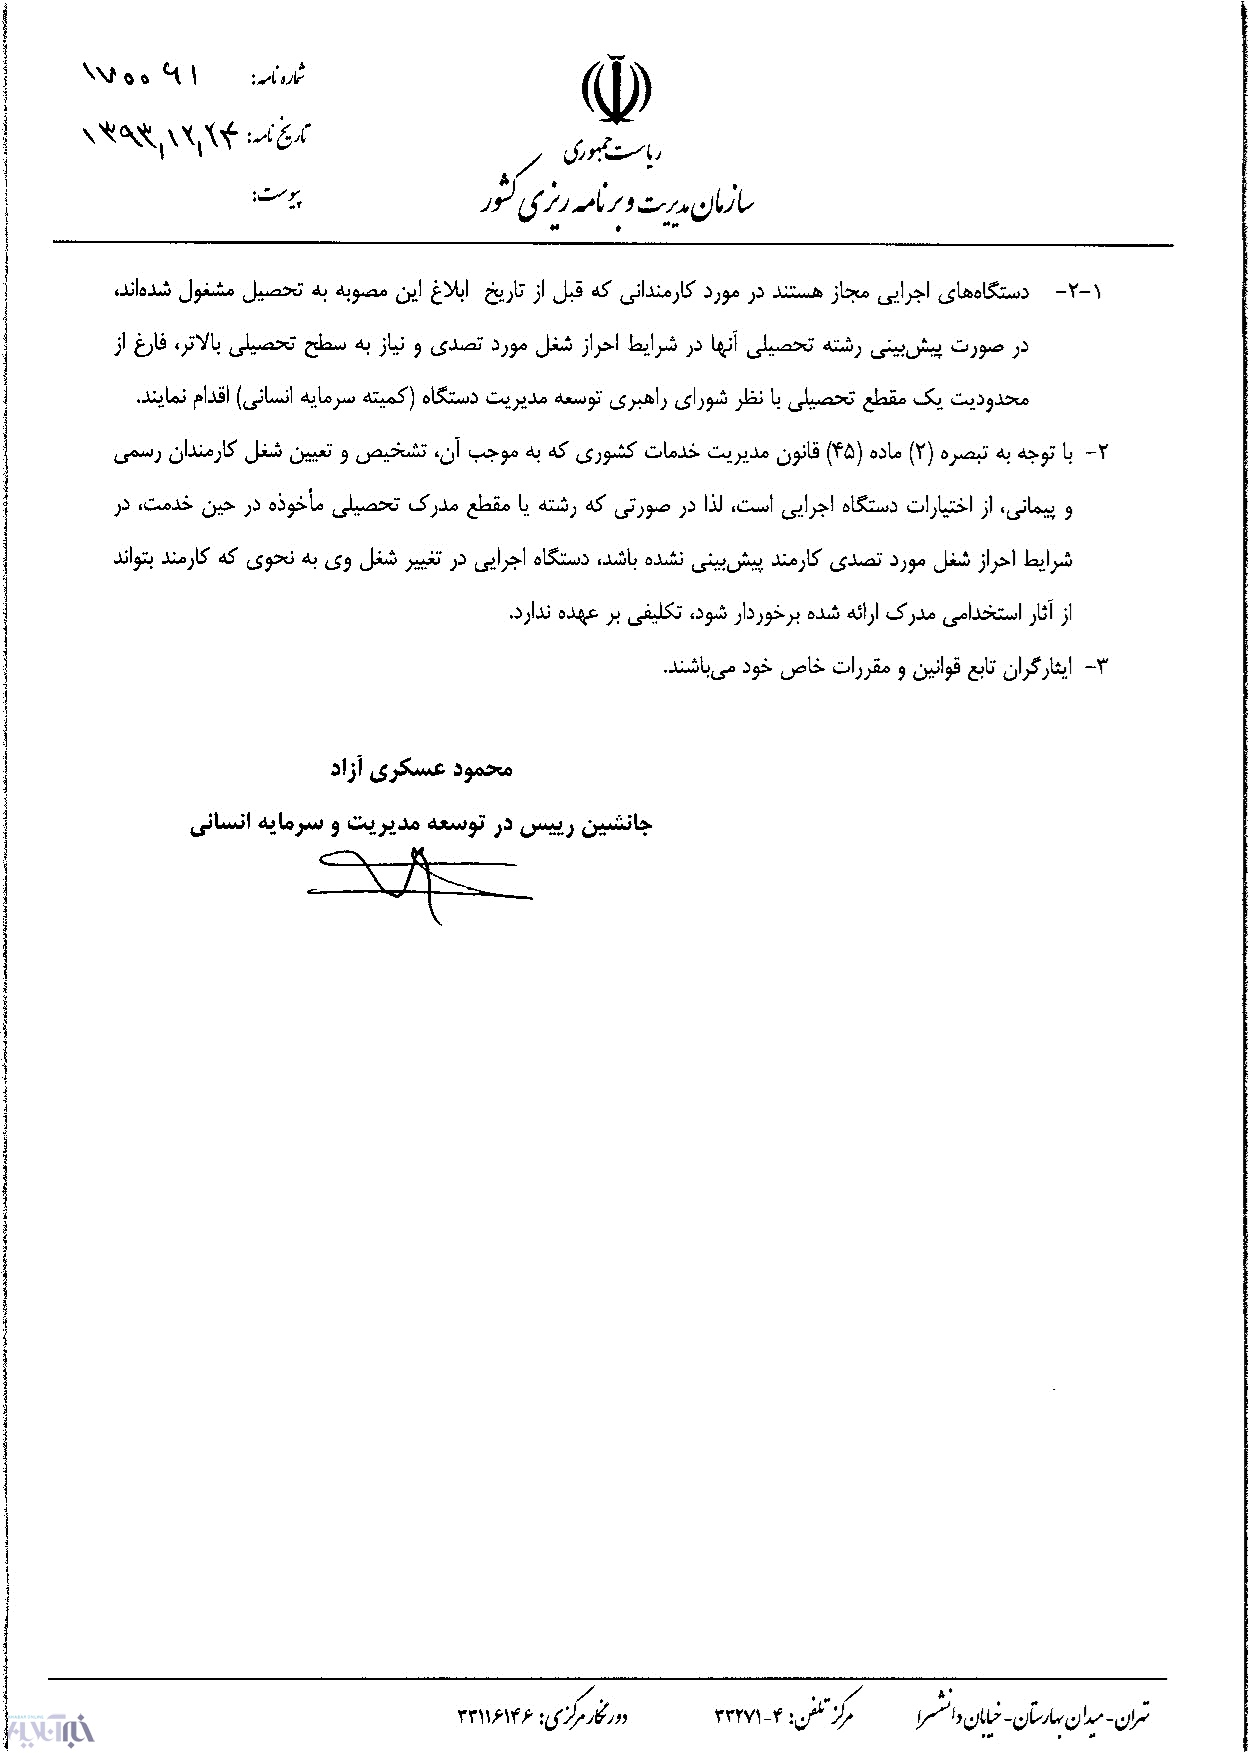 کارمندان دولت نمی توانند همزمان تحصیل کنند+ تصویر بخشنامه